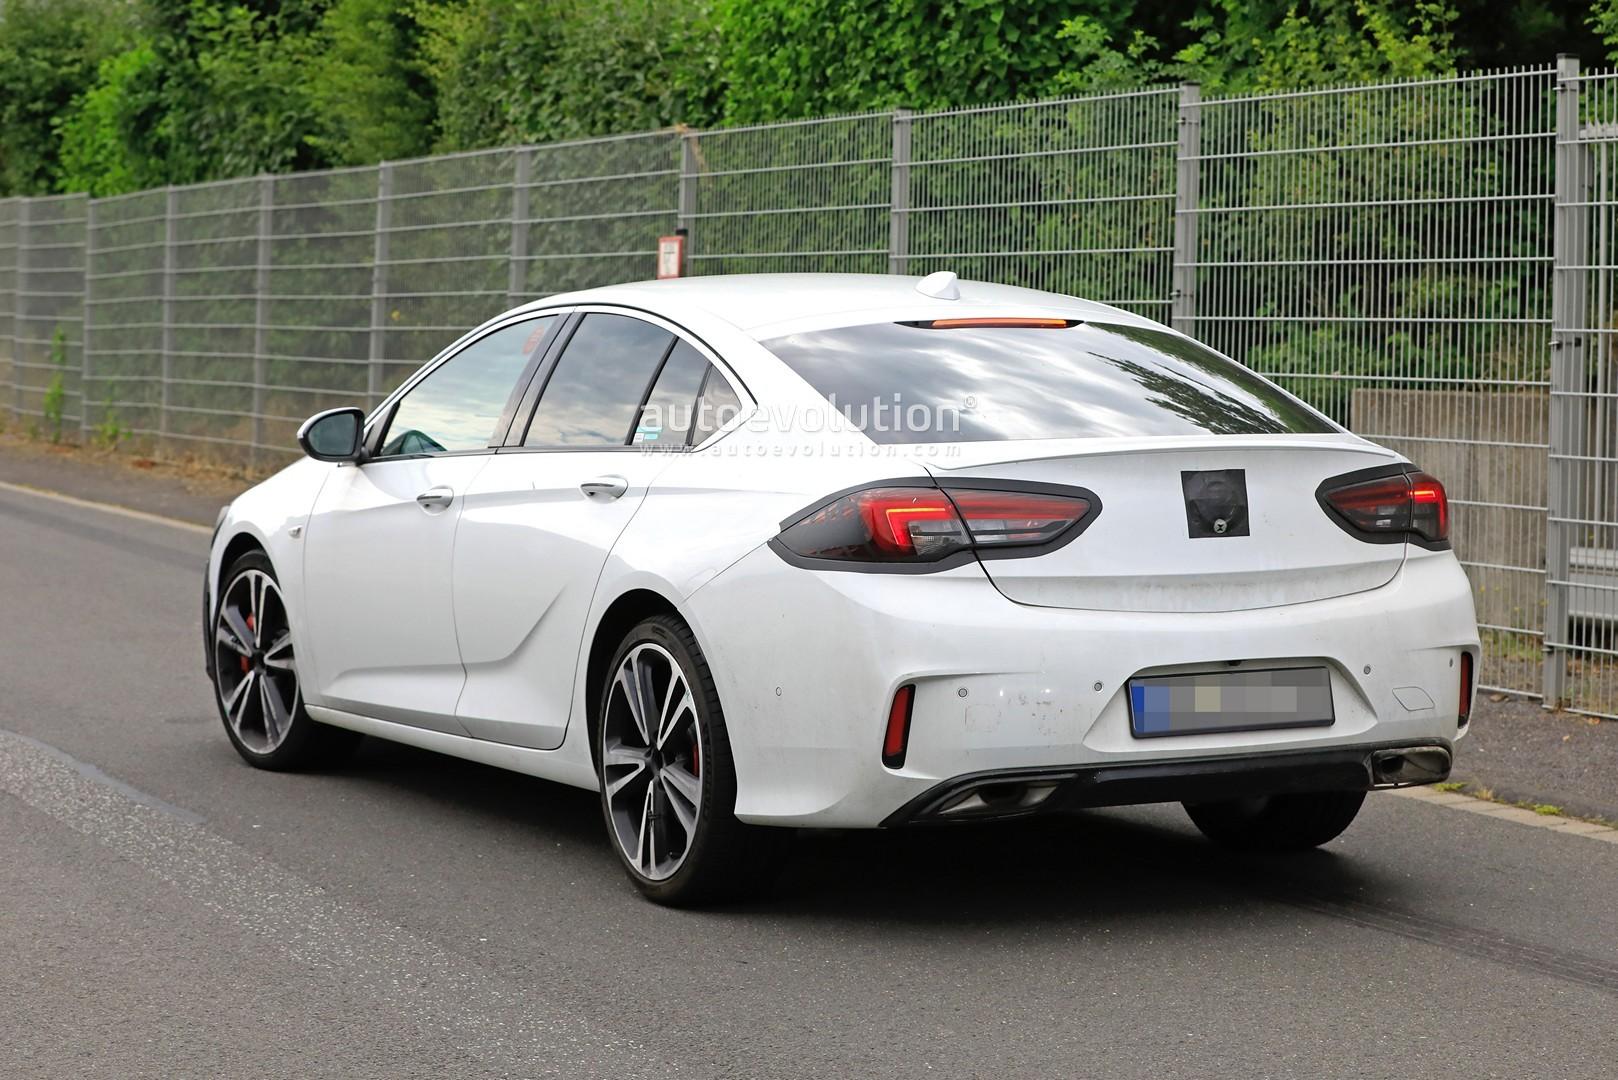 2020 Opel Insignia GSi Testing Hard at Nurburgring, Likely ...